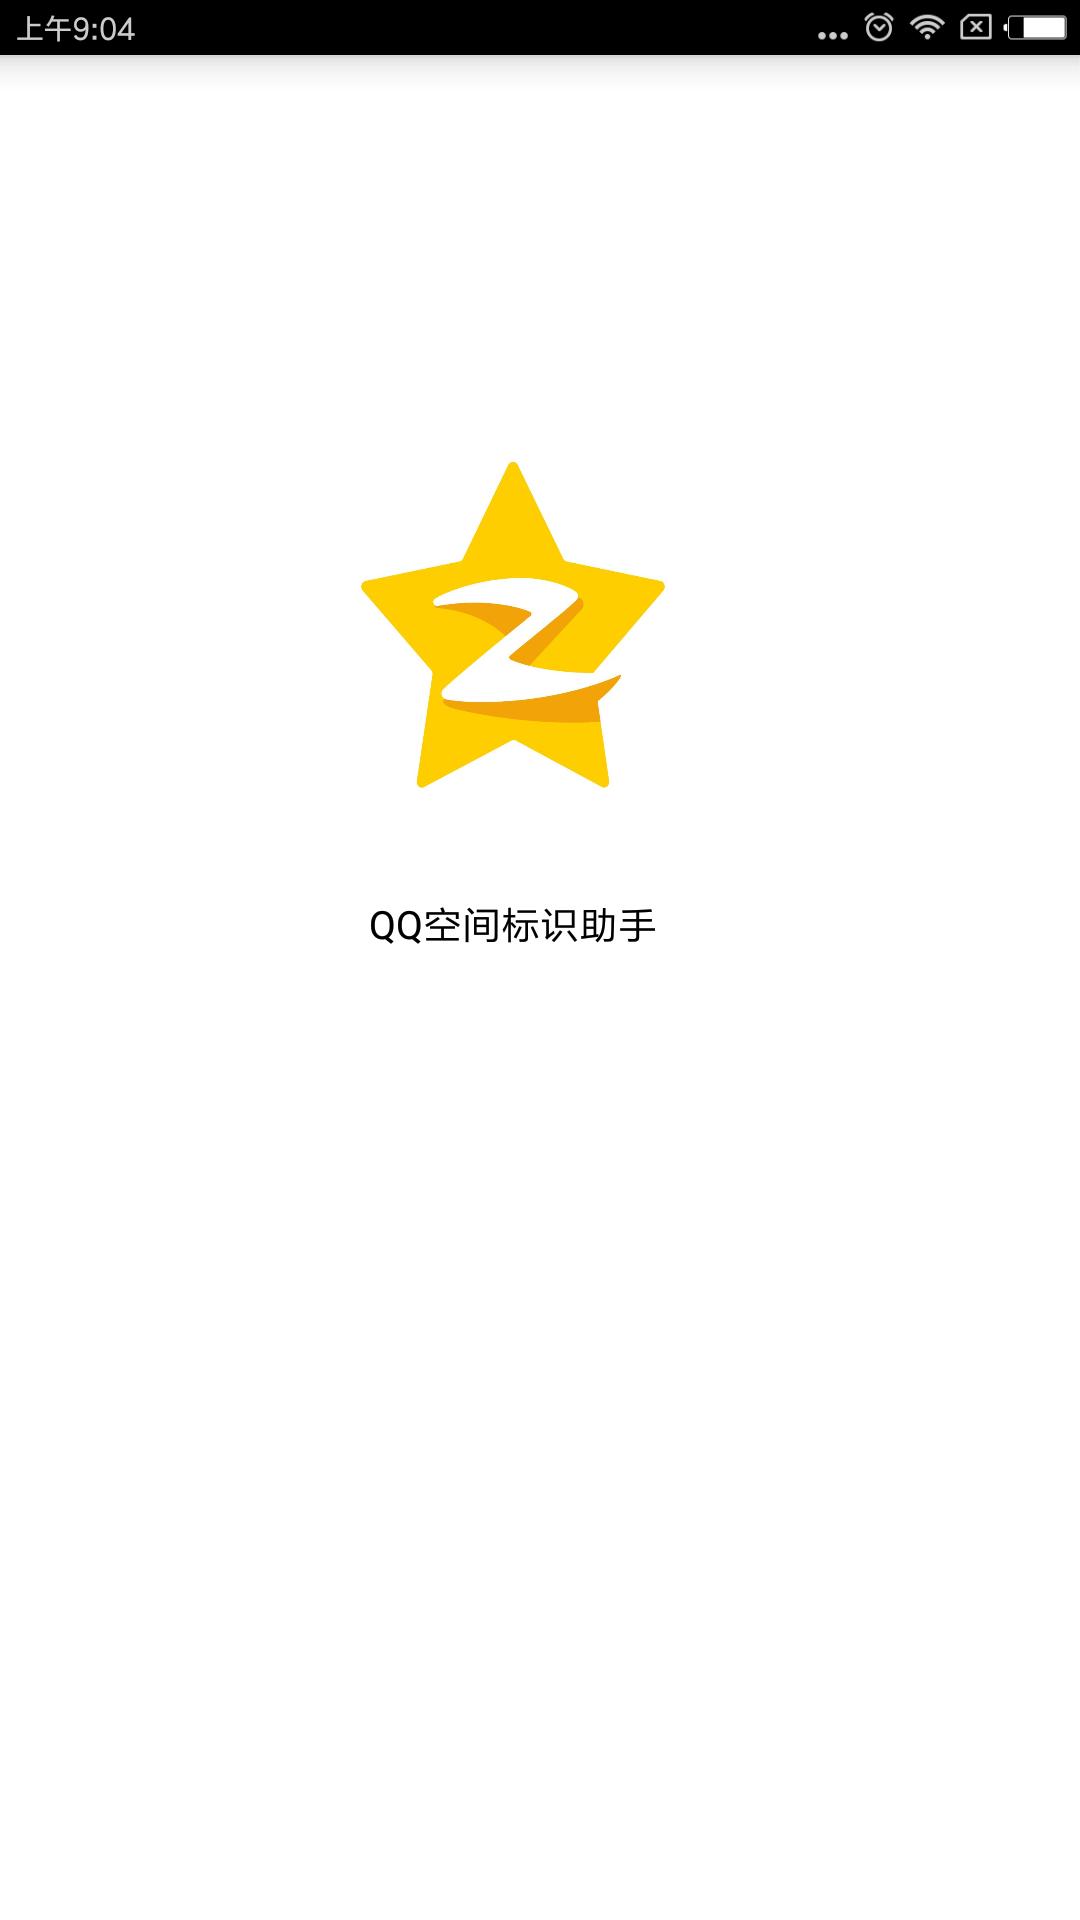 【分享】QQ空间手机标识助手(1.0)一键生成空间手机标识代码